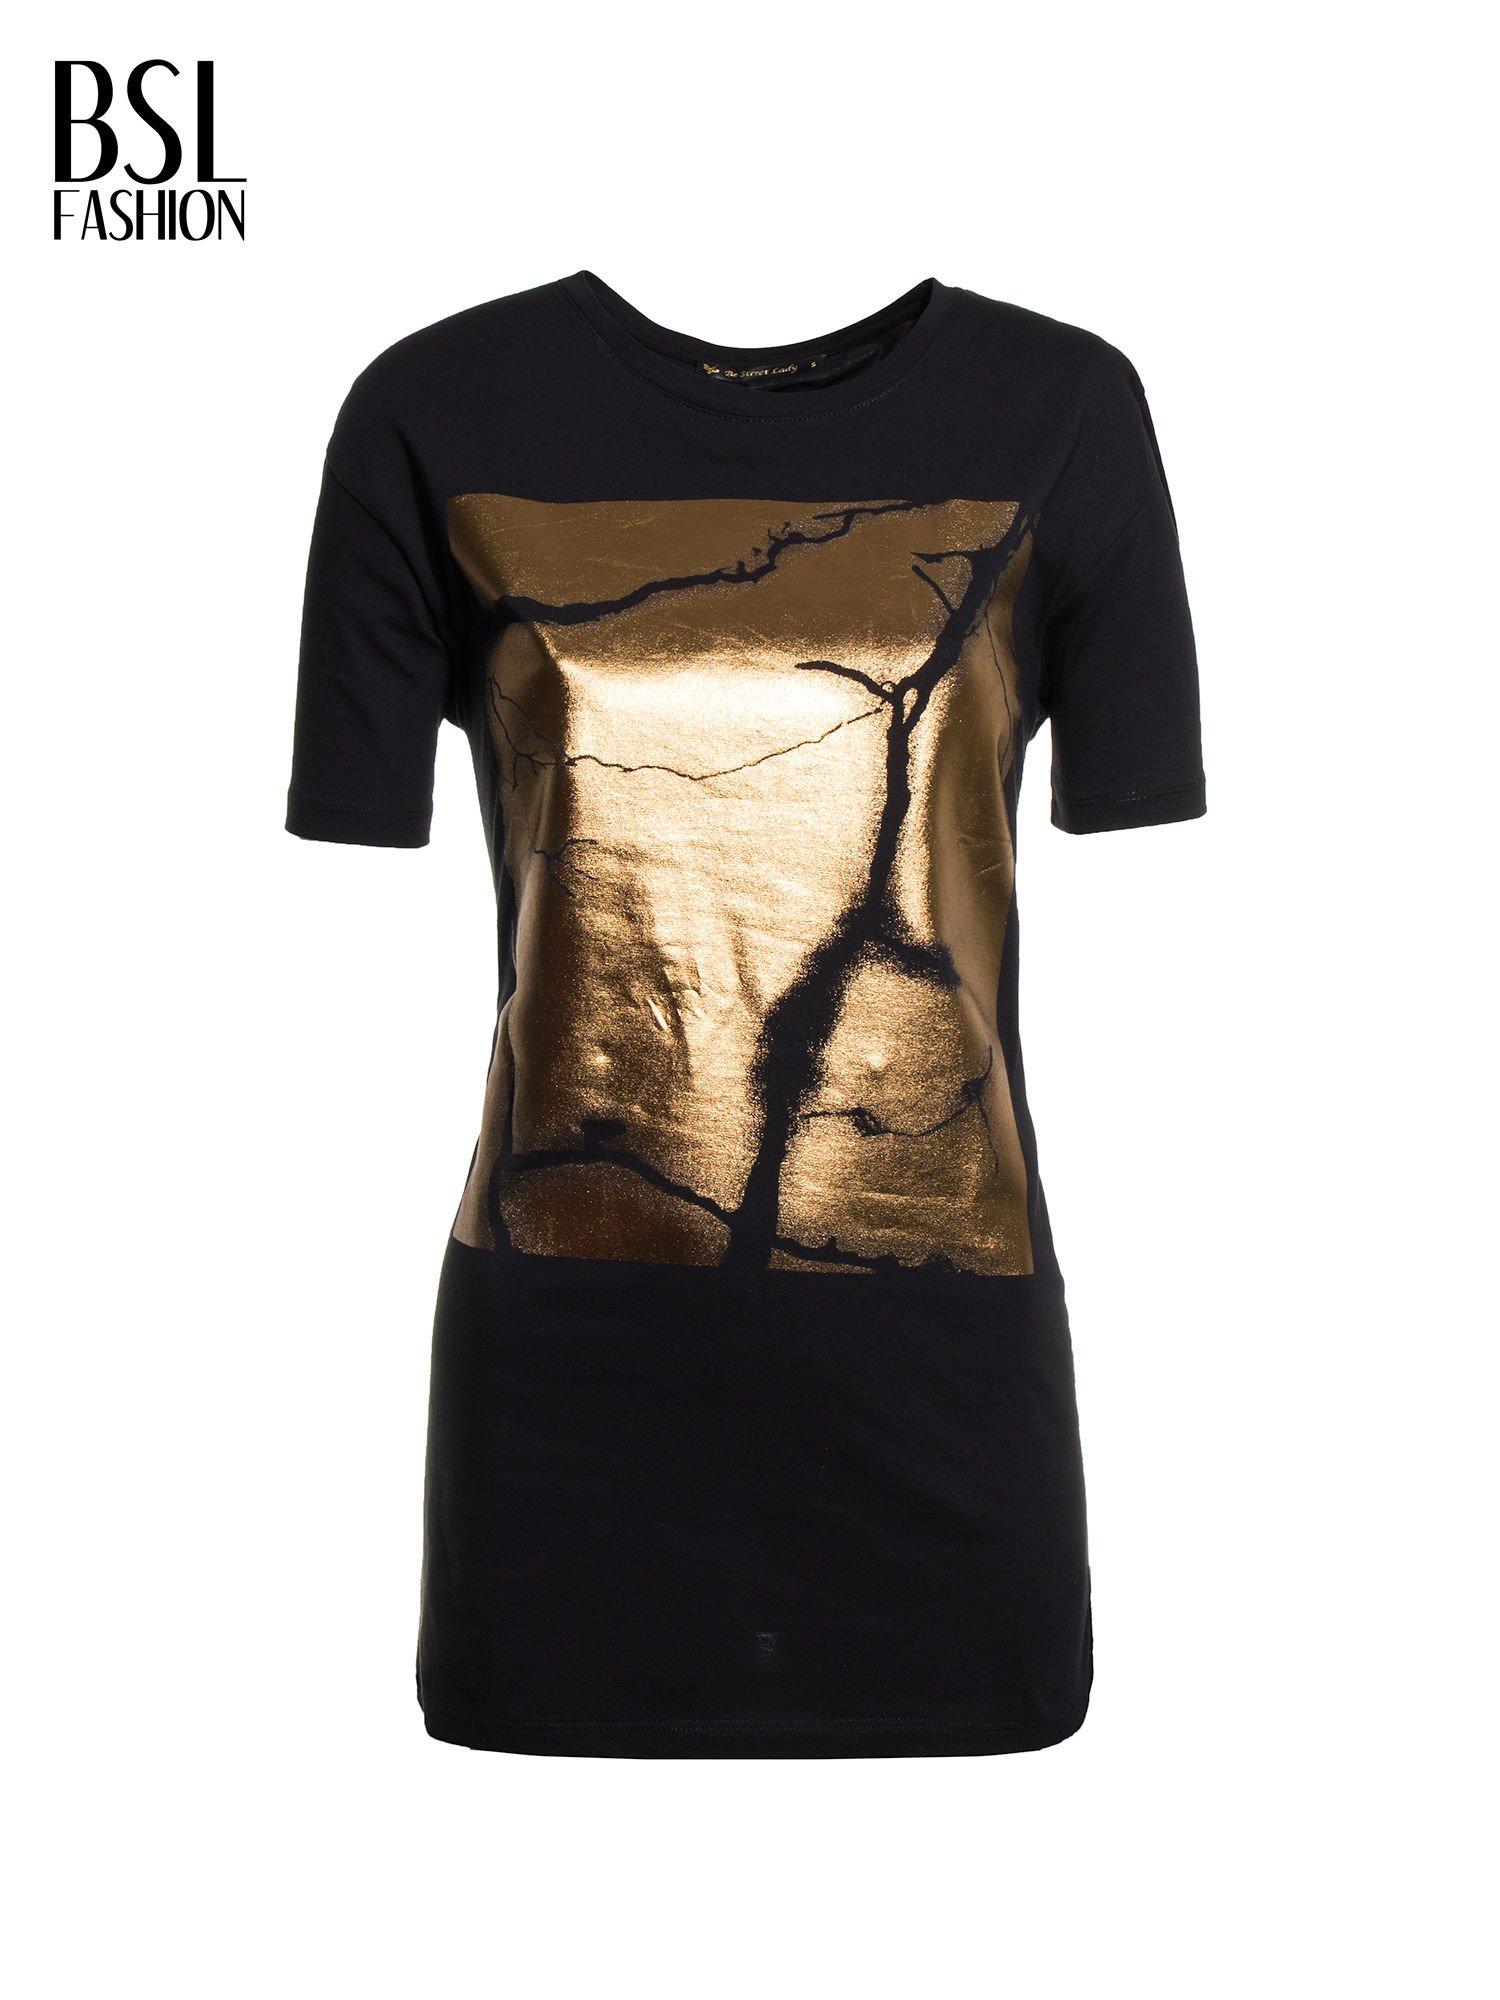 Czarny t-shirt ze złotą grafiką                                  zdj.                                  2